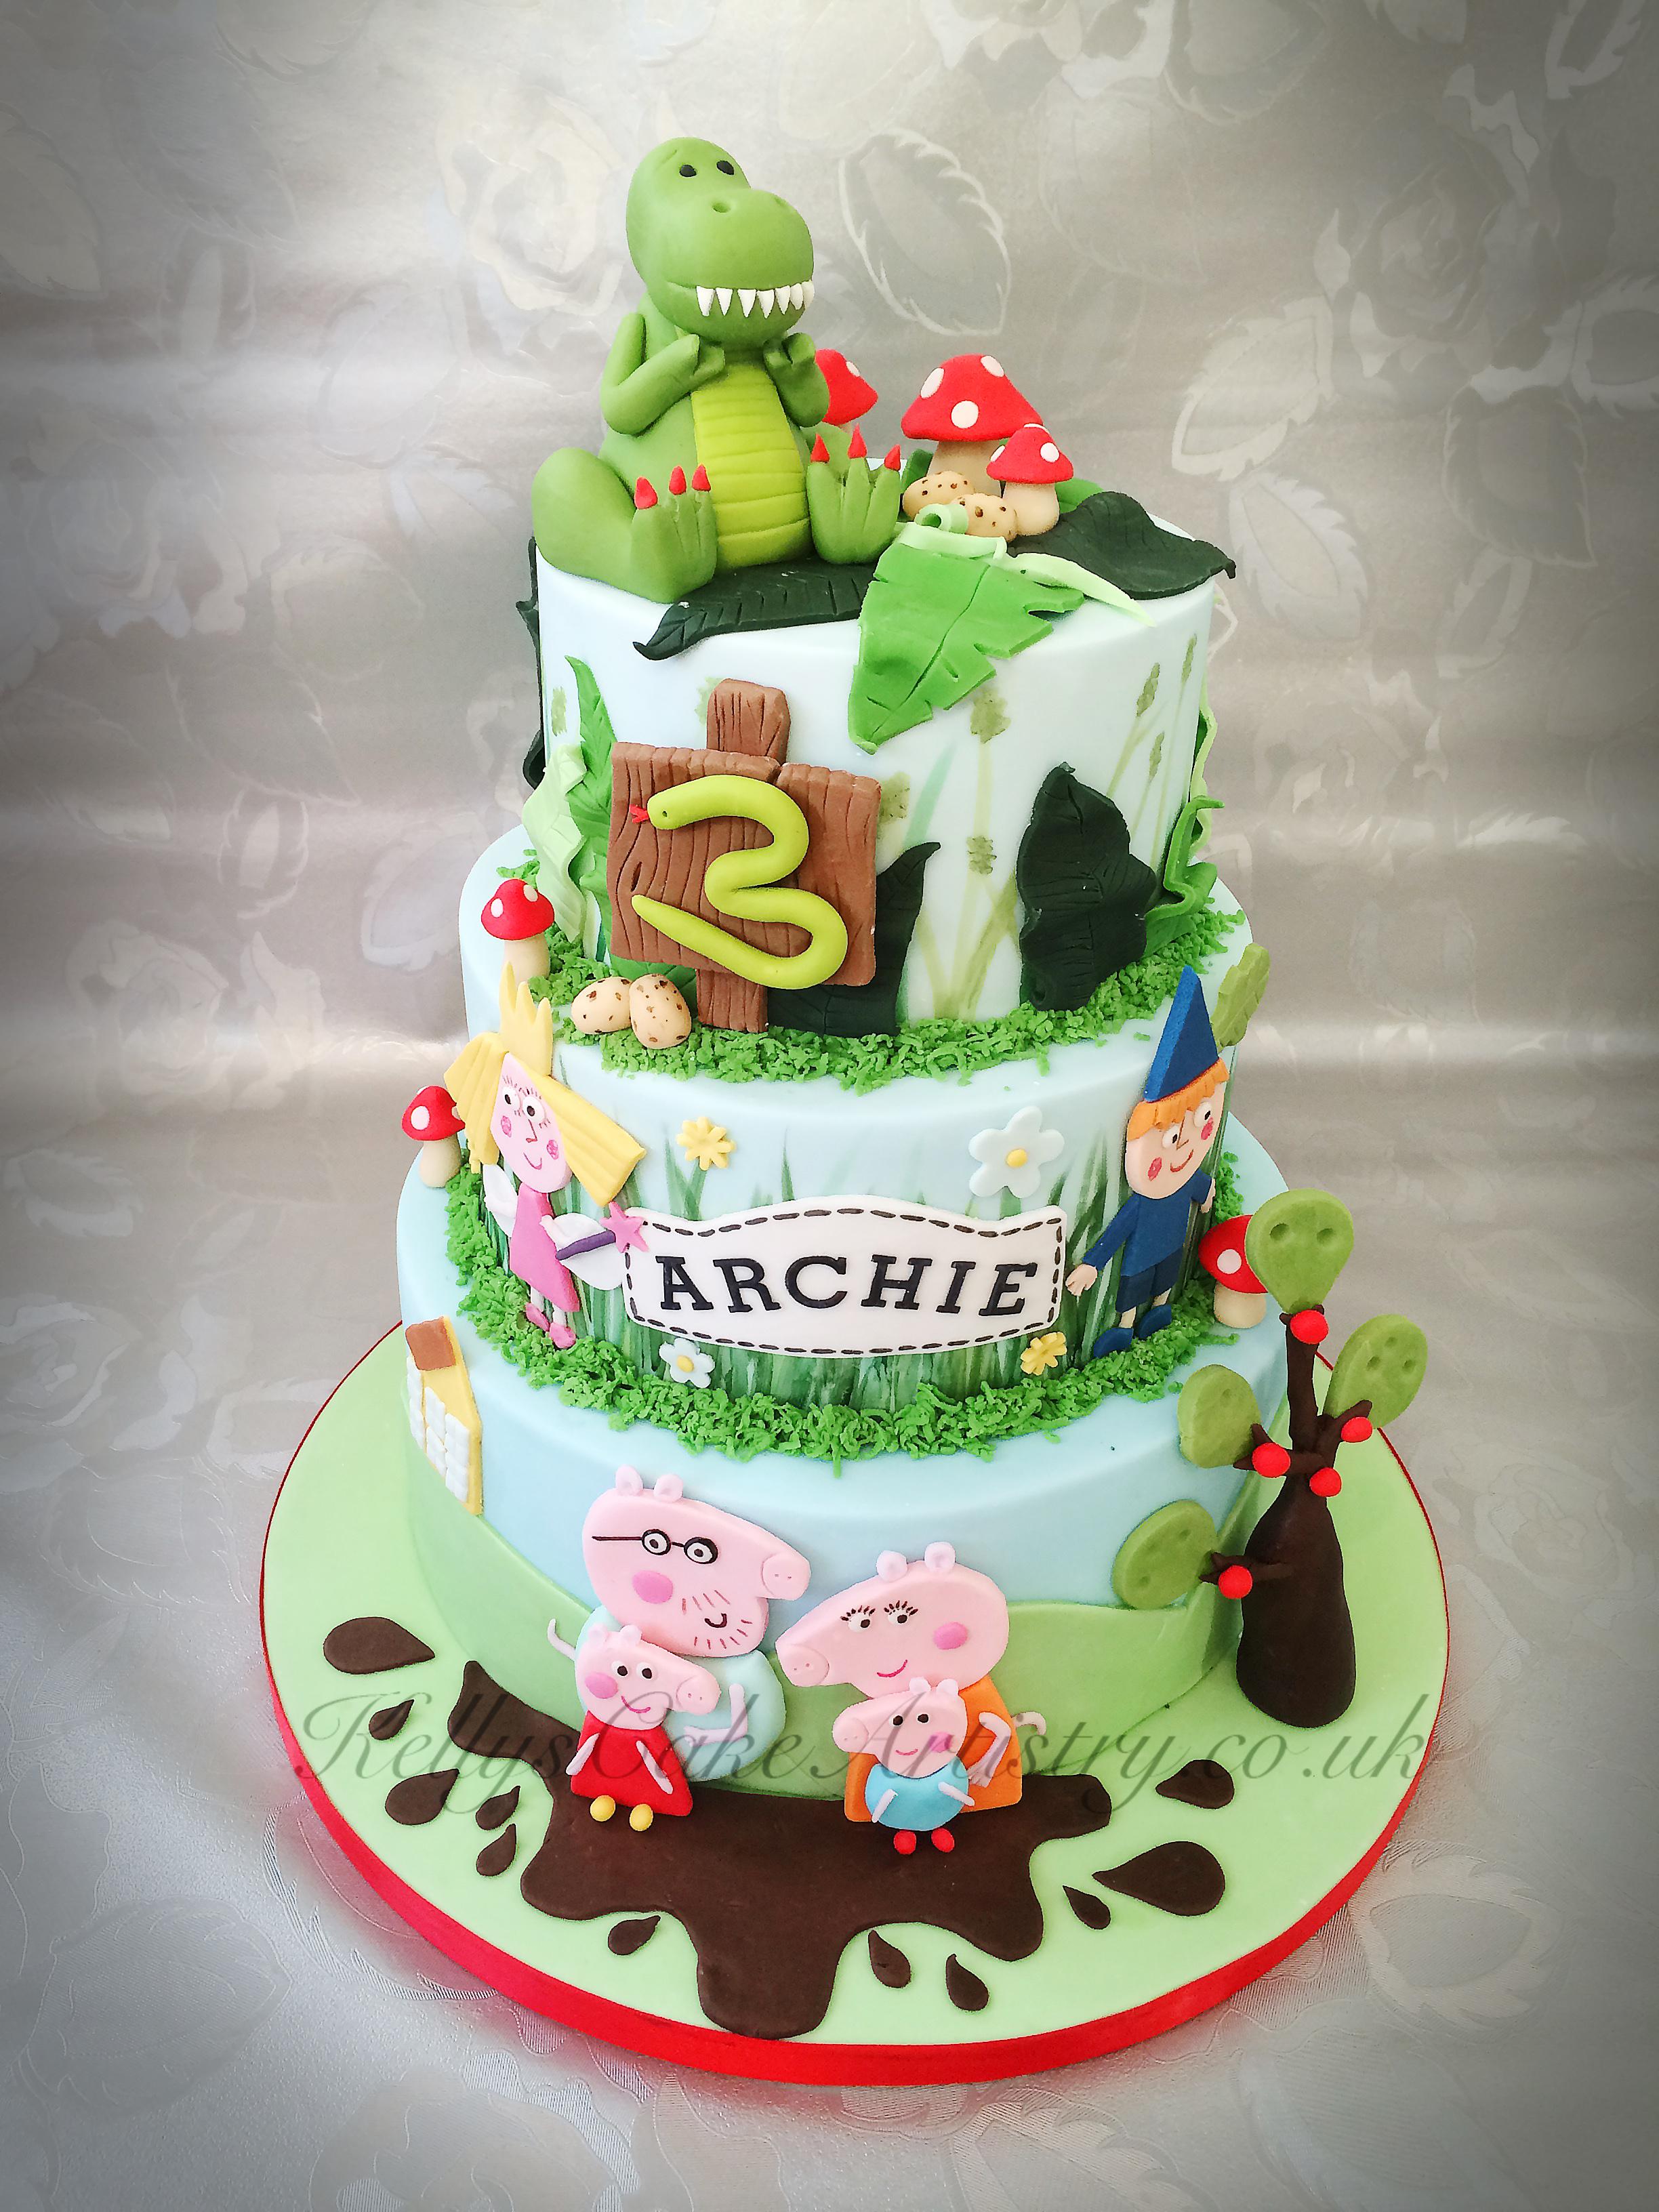 Archie watermarked.jpg